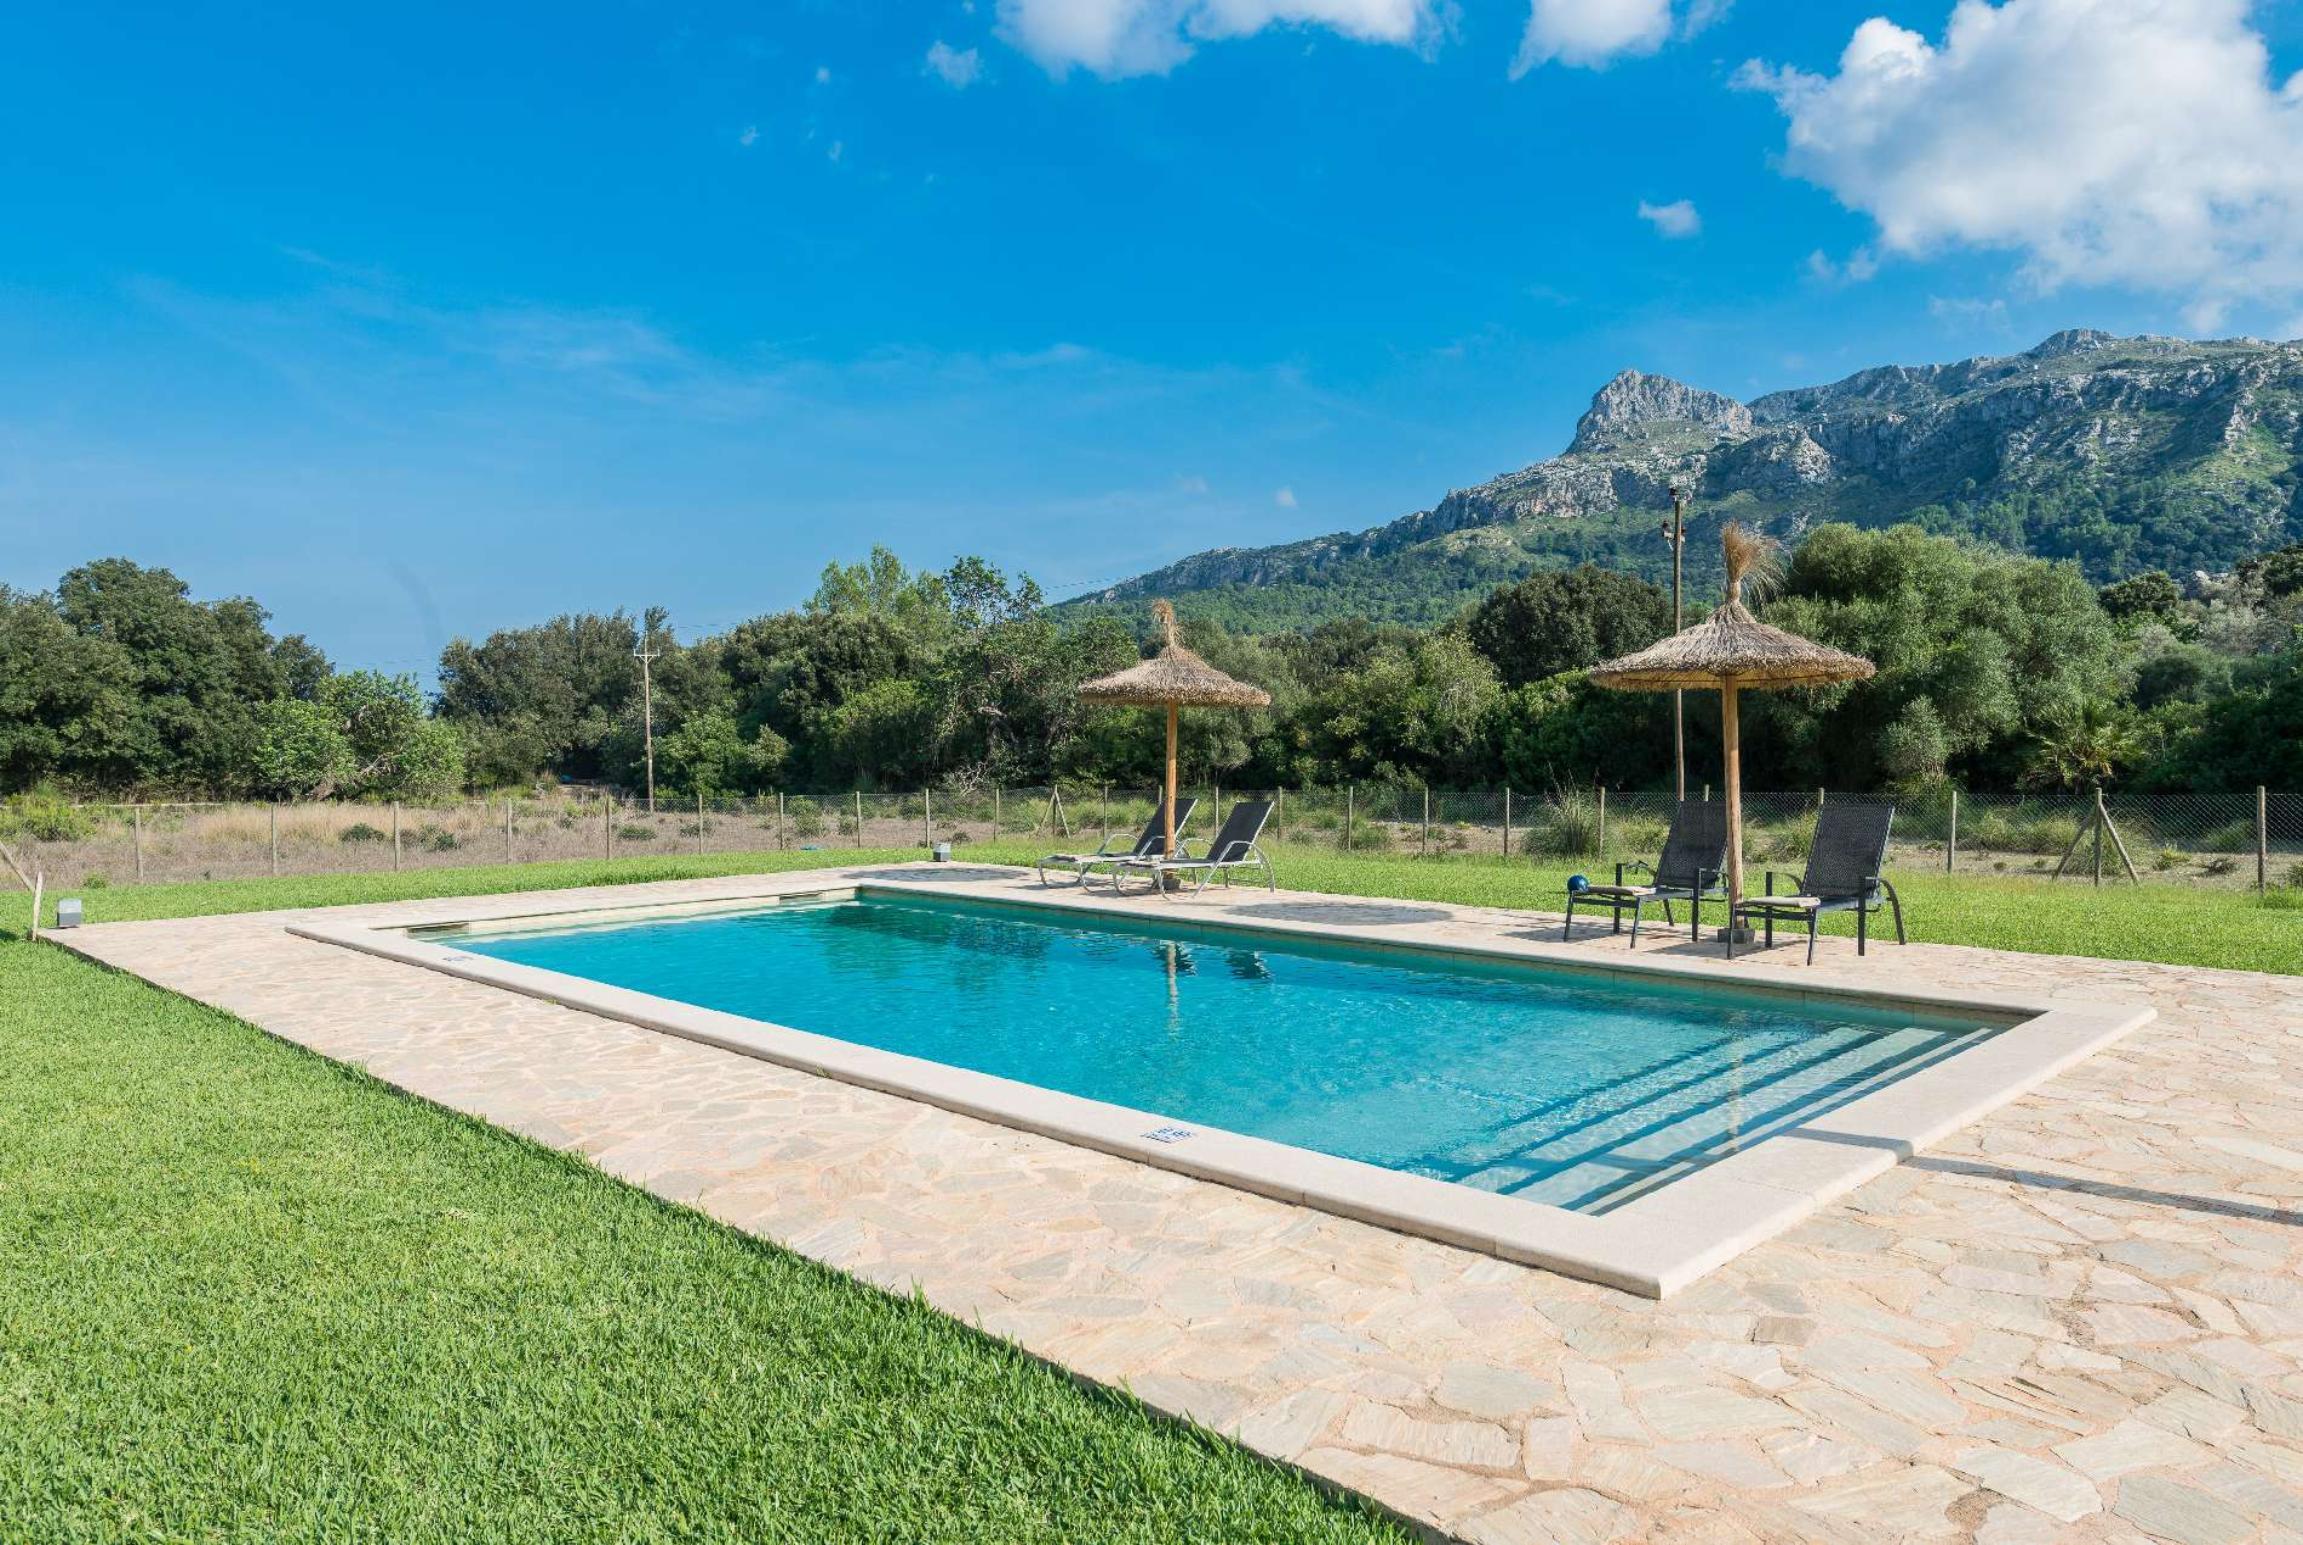 Ferienhaus Vall d'en Marc (2654334), Pollença, Mallorca, Balearische Inseln, Spanien, Bild 28